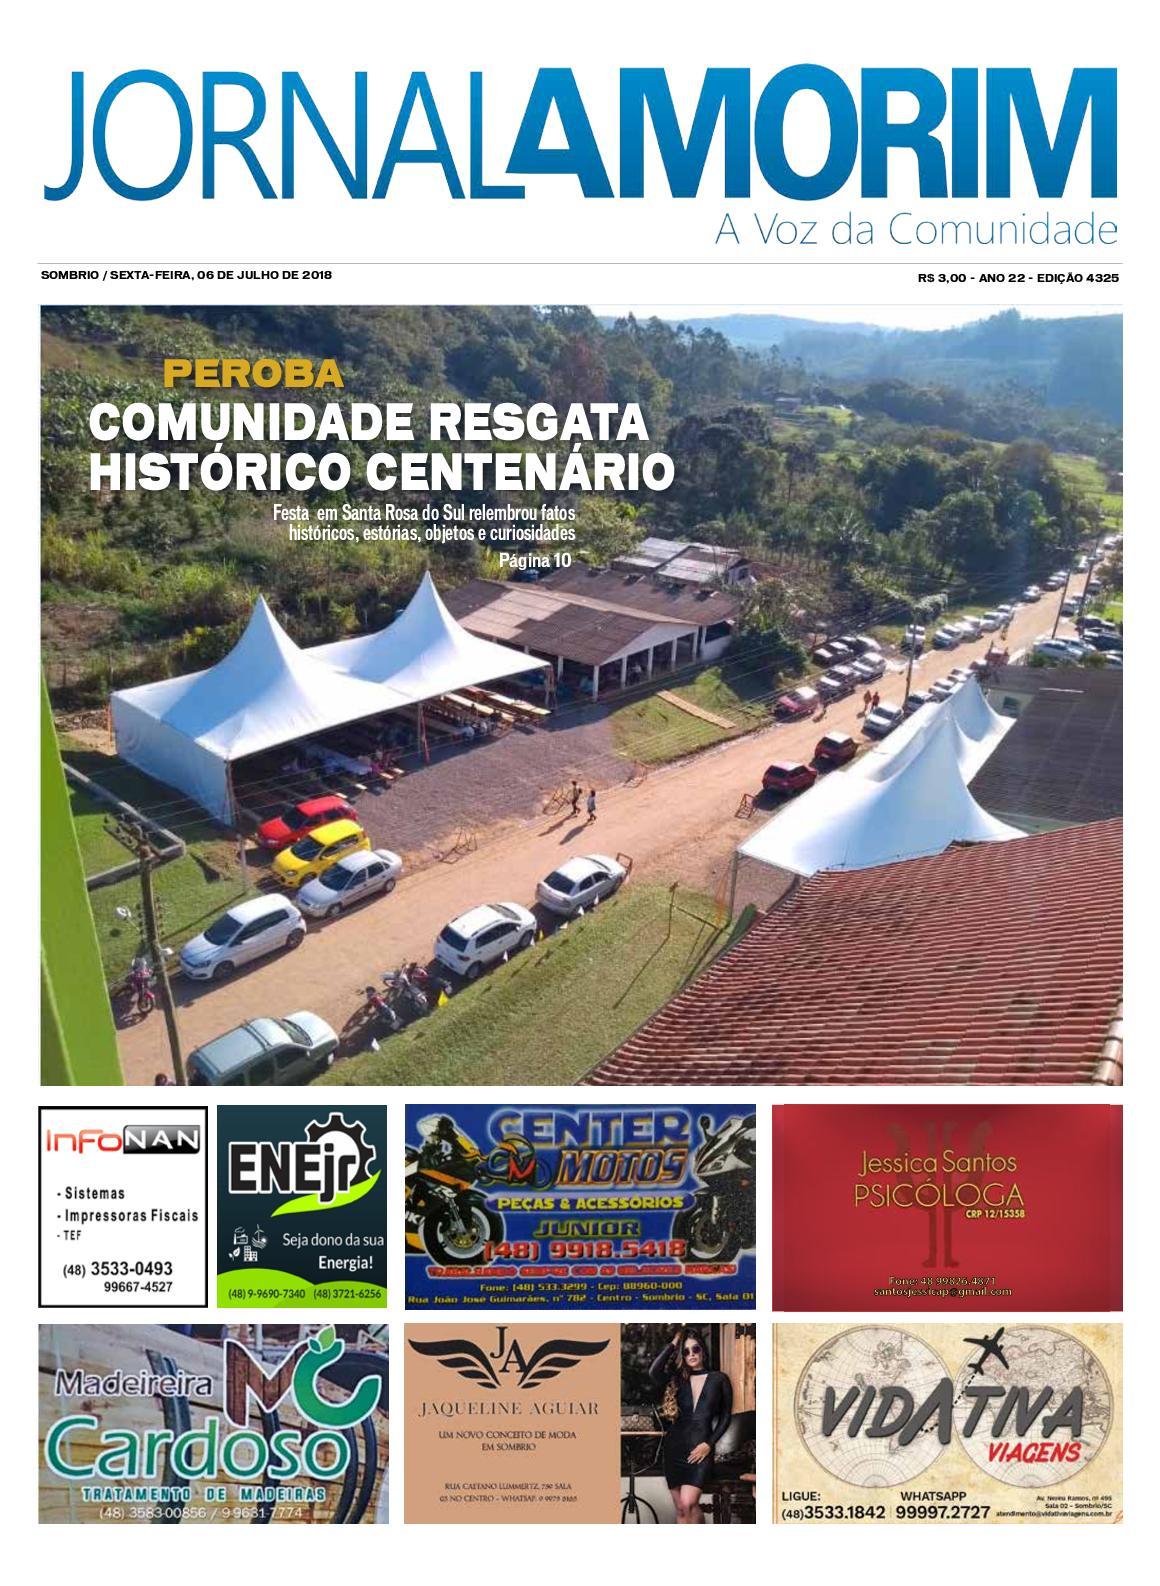 Jornal Amorim 06-07-18